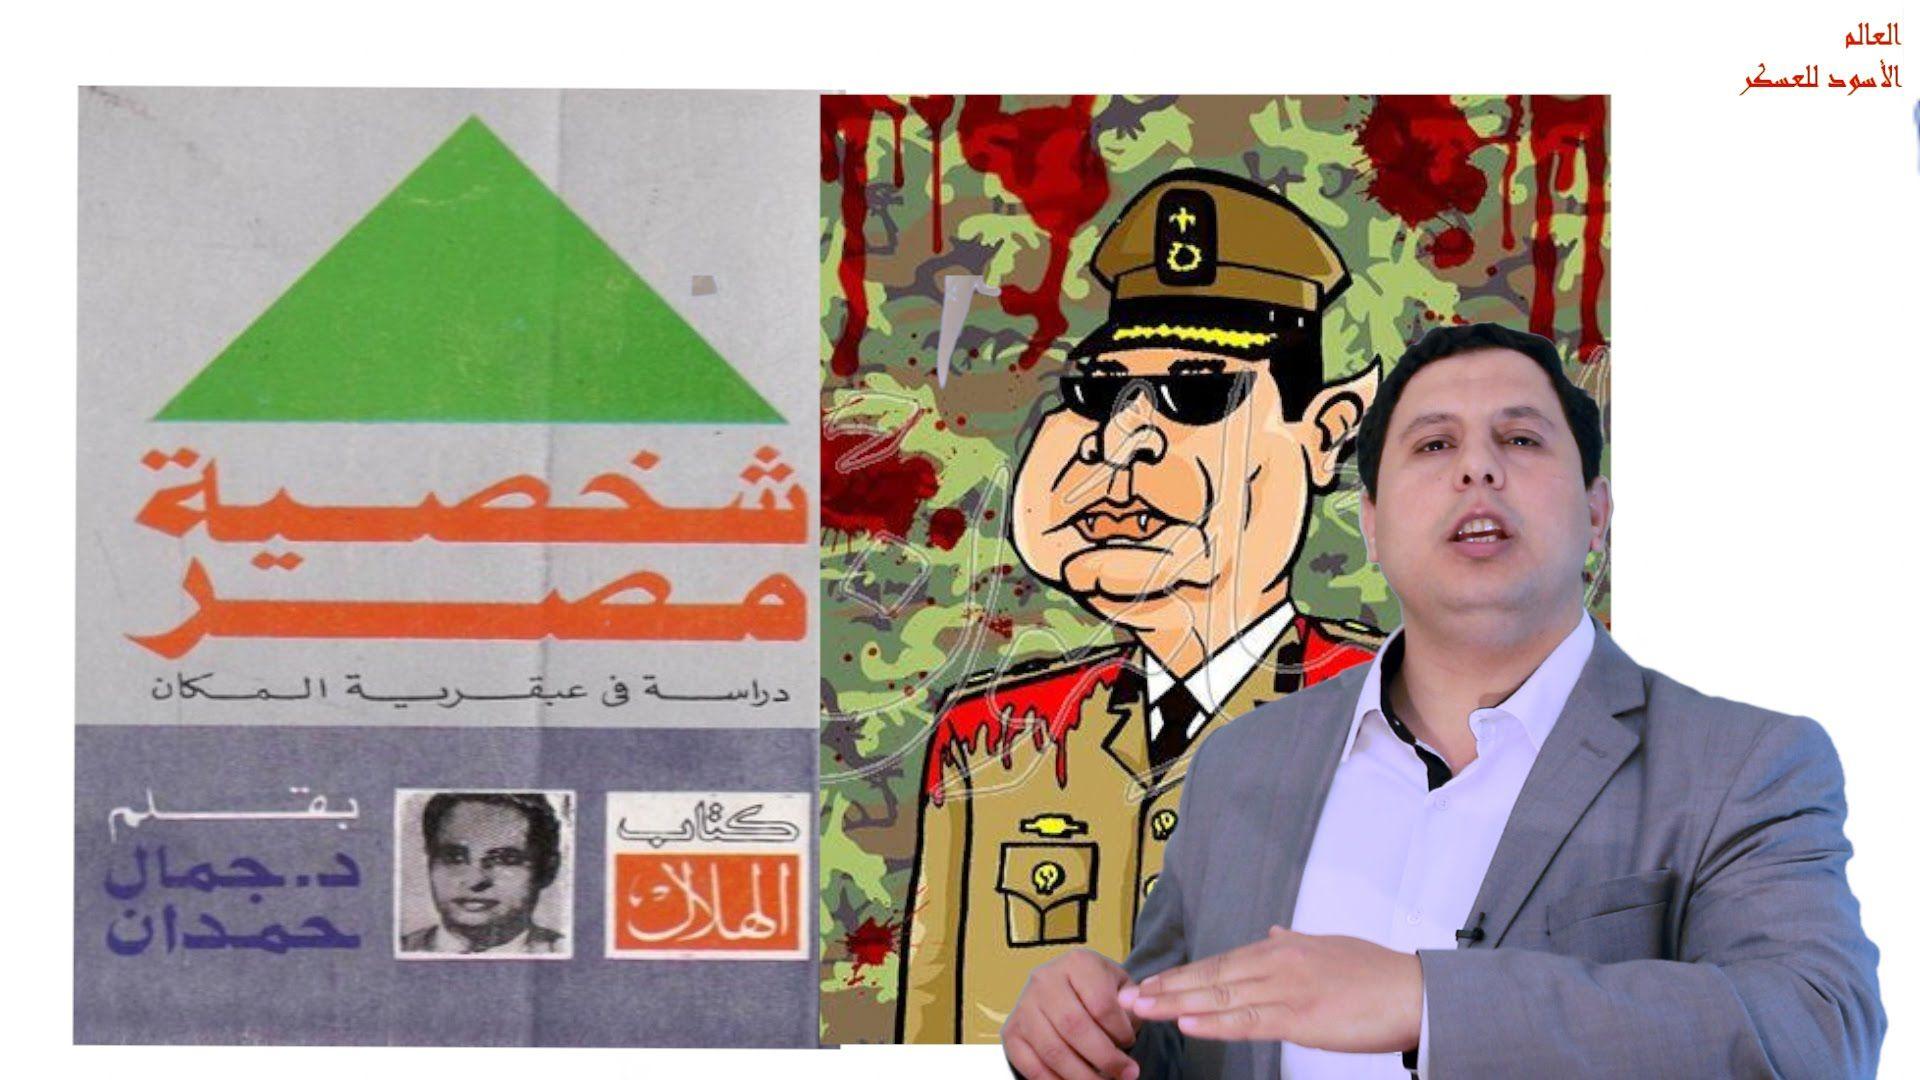 لماذا قتلت المخابرات الحربية العالم المصري جمال حمدان ولماذا دعا